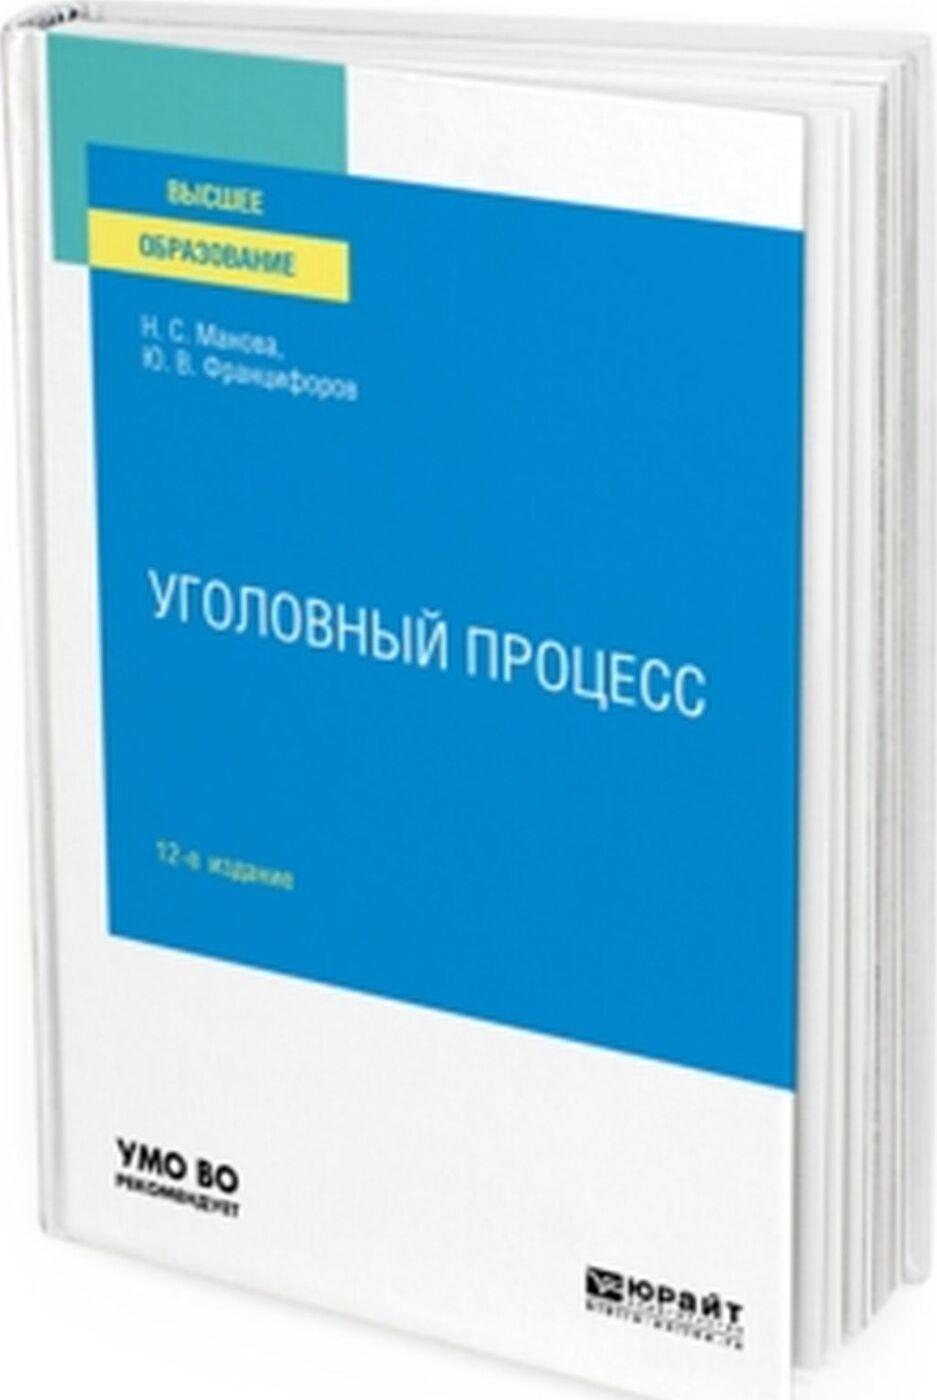 Манова Н. С., Францифоров Ю. В.. Уголовный процесс. Учебное пособие для вузов